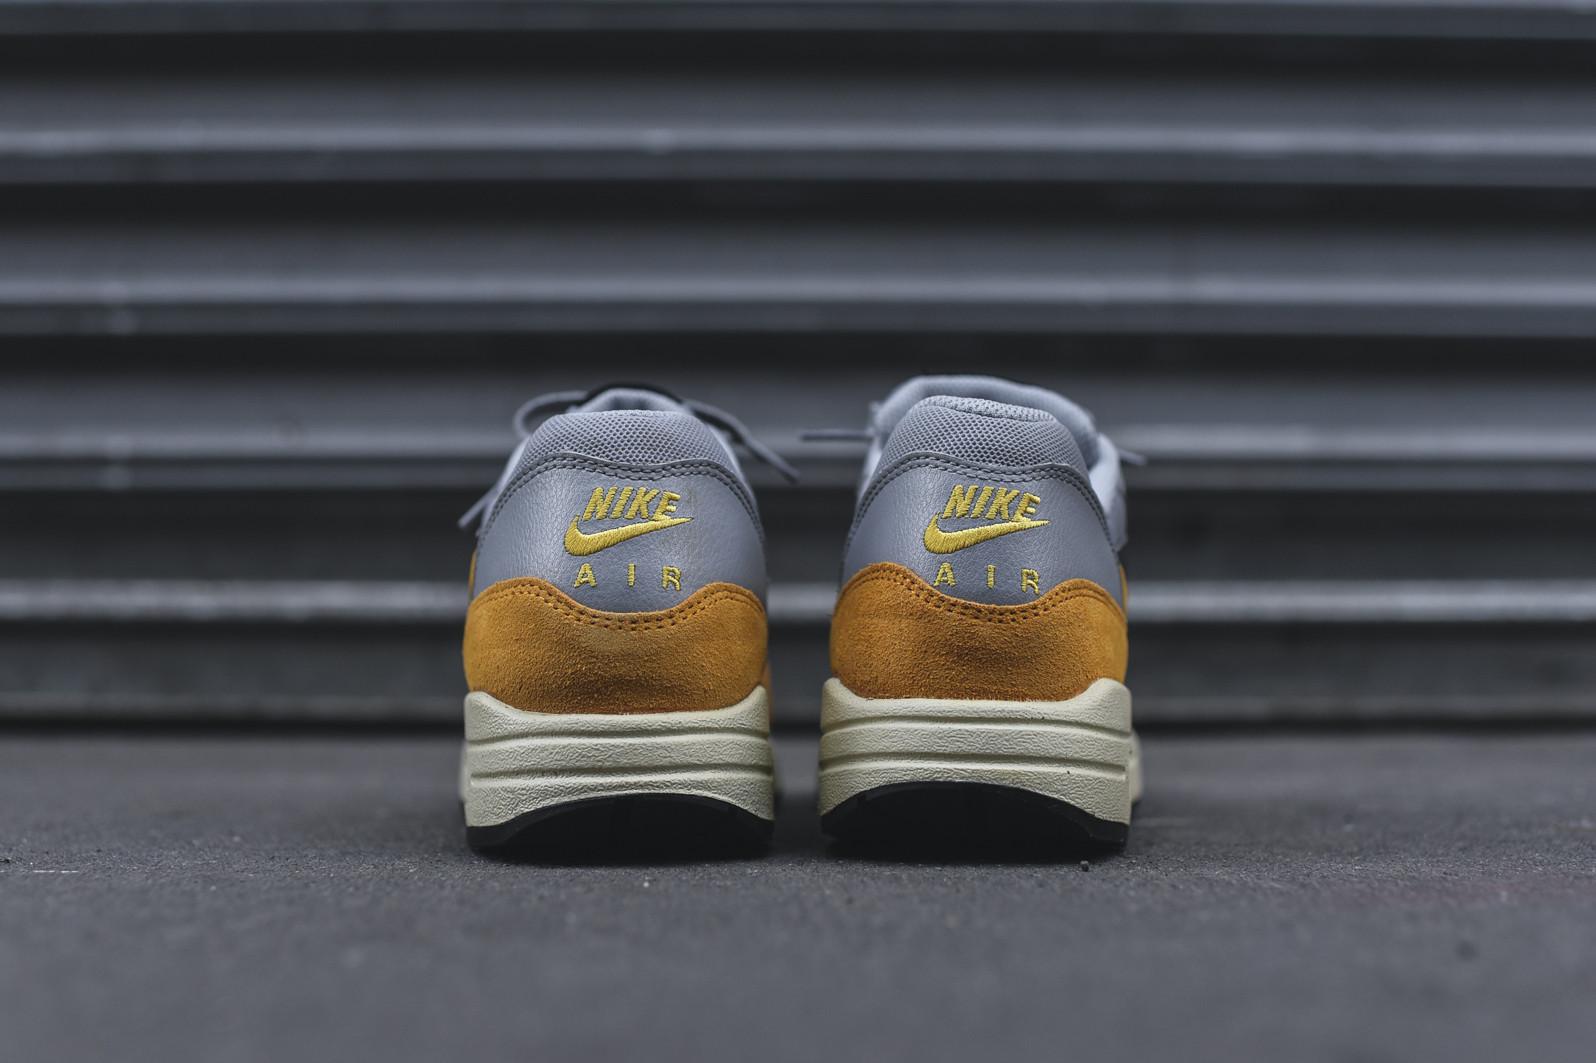 Nike WMNS Air Max 1 Essential Wolf Grey Gold Leaf – Kith